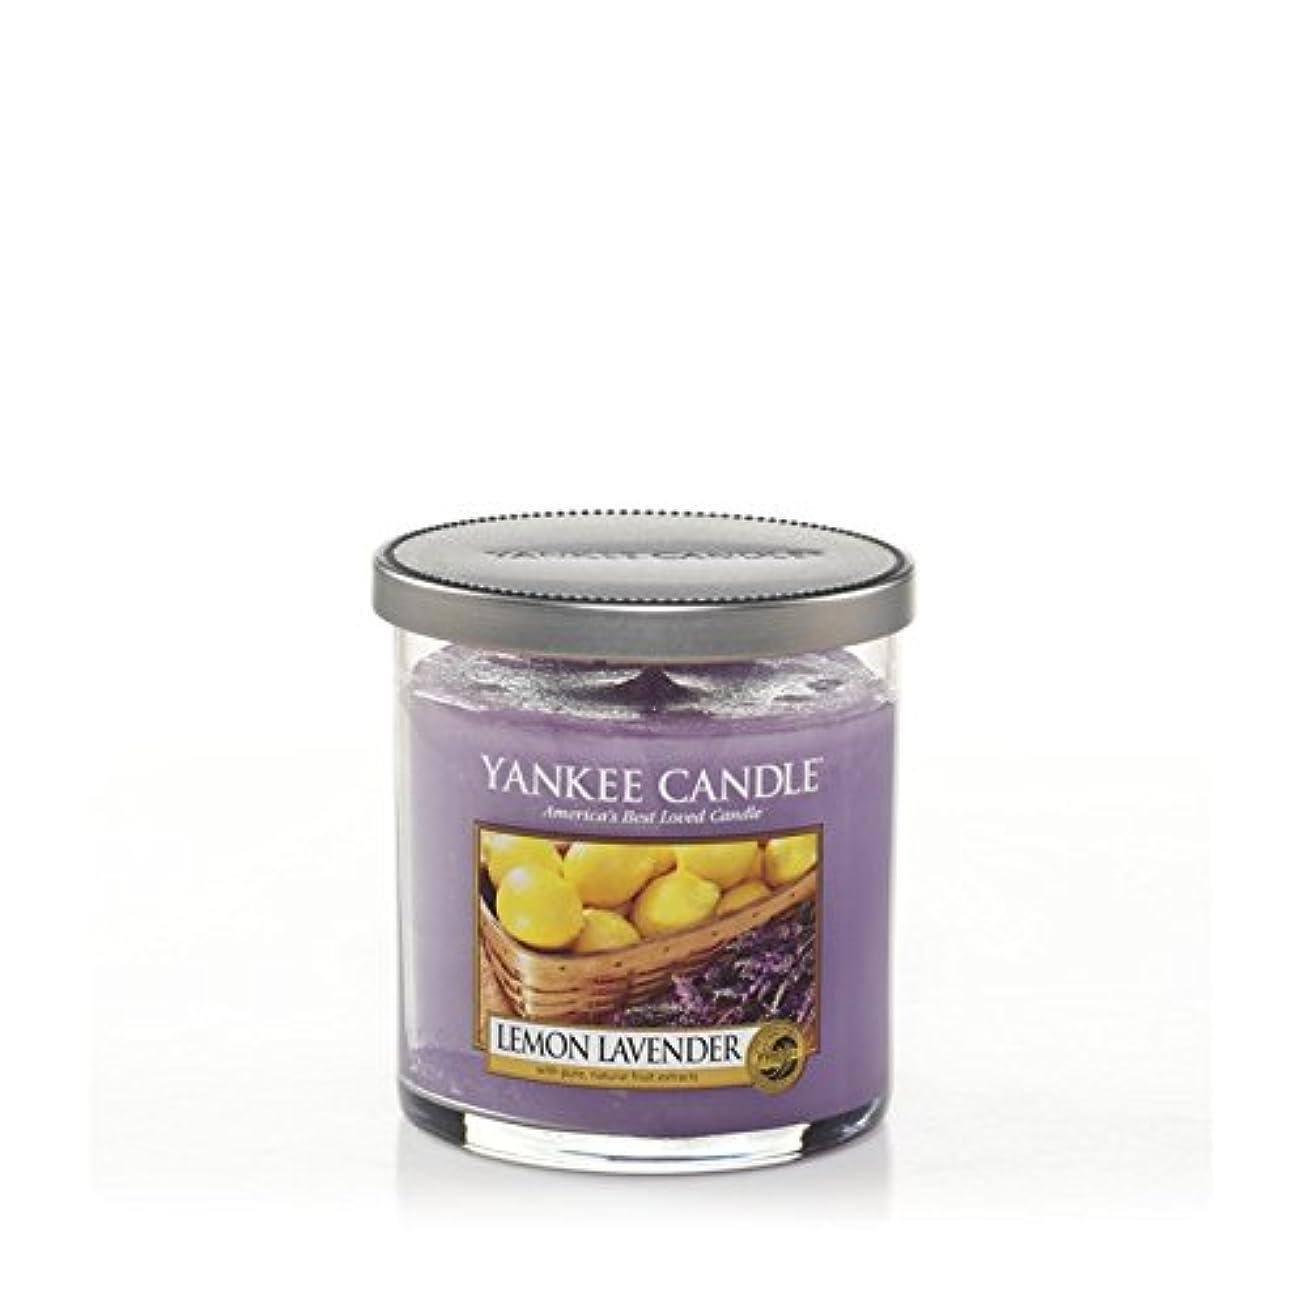 眉熱帯のスリチンモイヤンキーキャンドルの小さな柱キャンドル - レモンラベンダー - Yankee Candles Small Pillar Candle - Lemon Lavender (Yankee Candles) [並行輸入品]